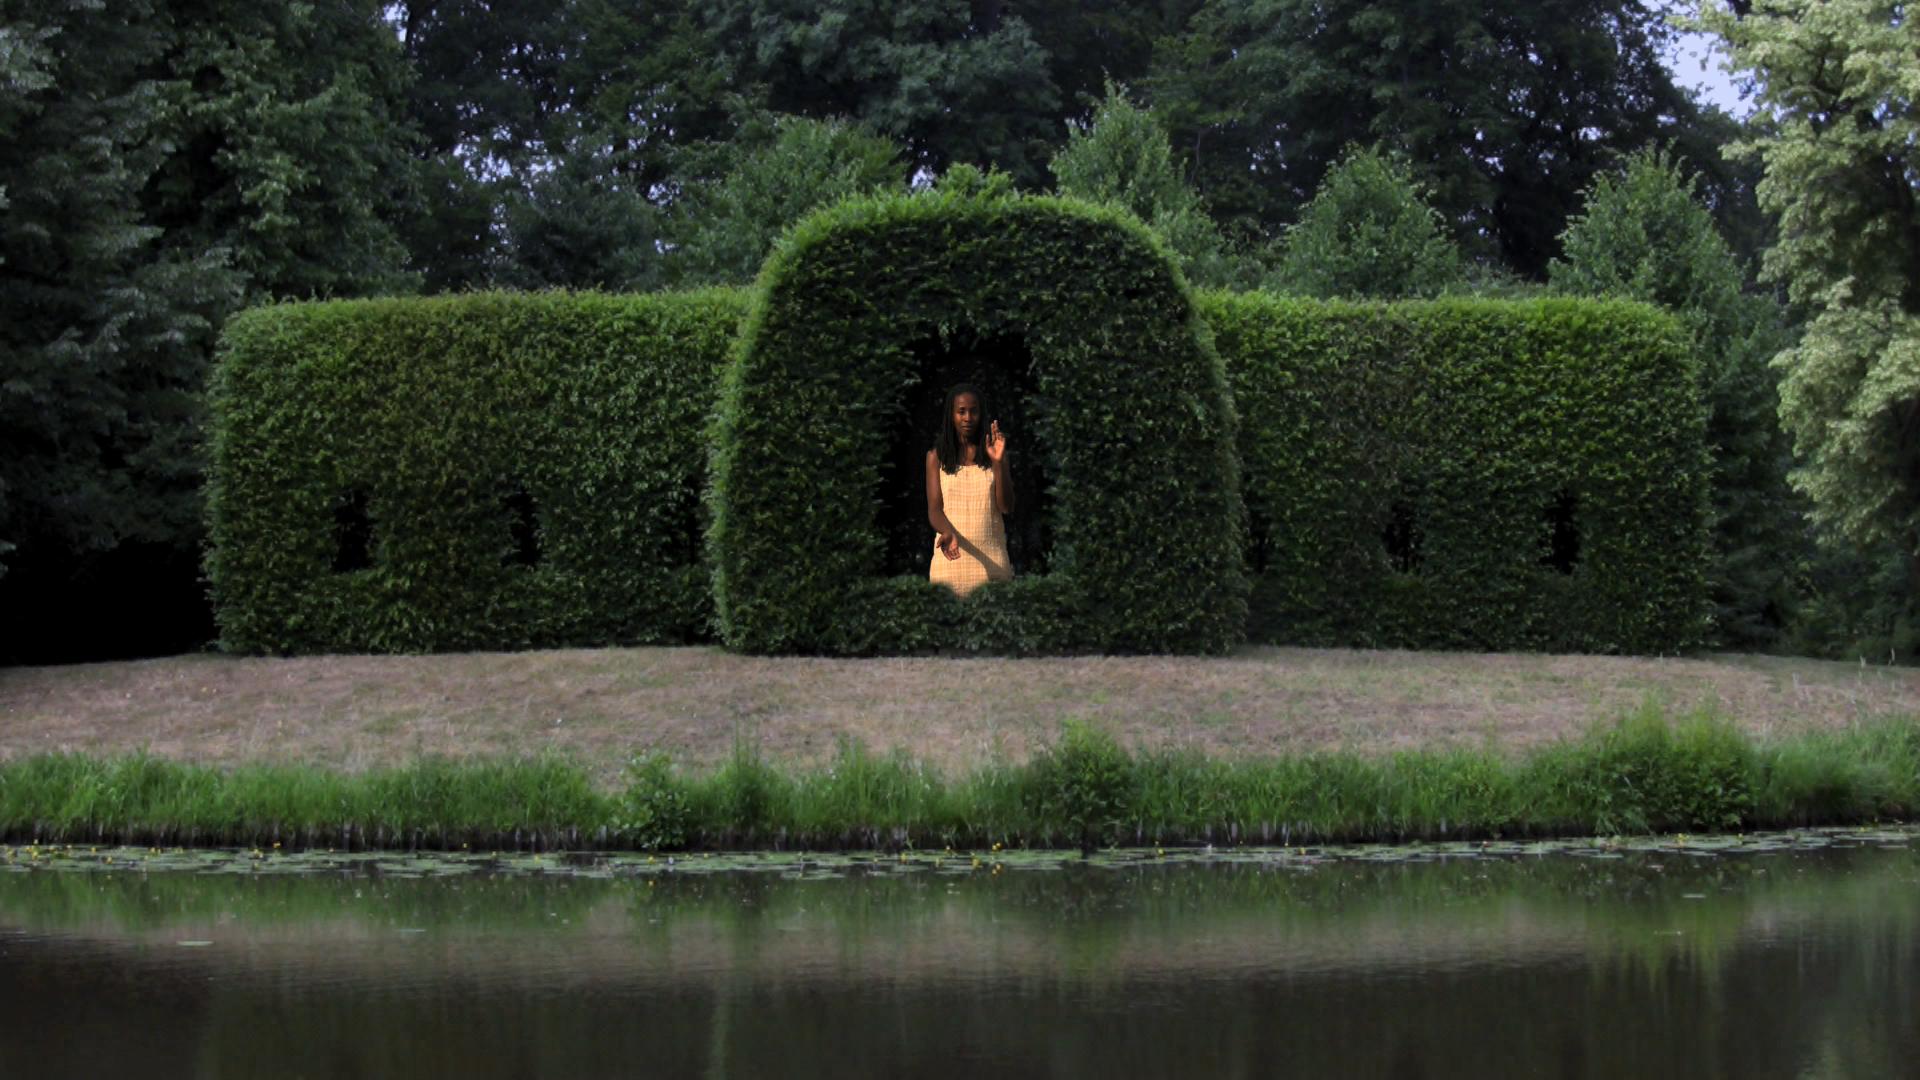 Stephanie Dinkins, Iconology: Lieben Frau von Bremen, 2009, video still